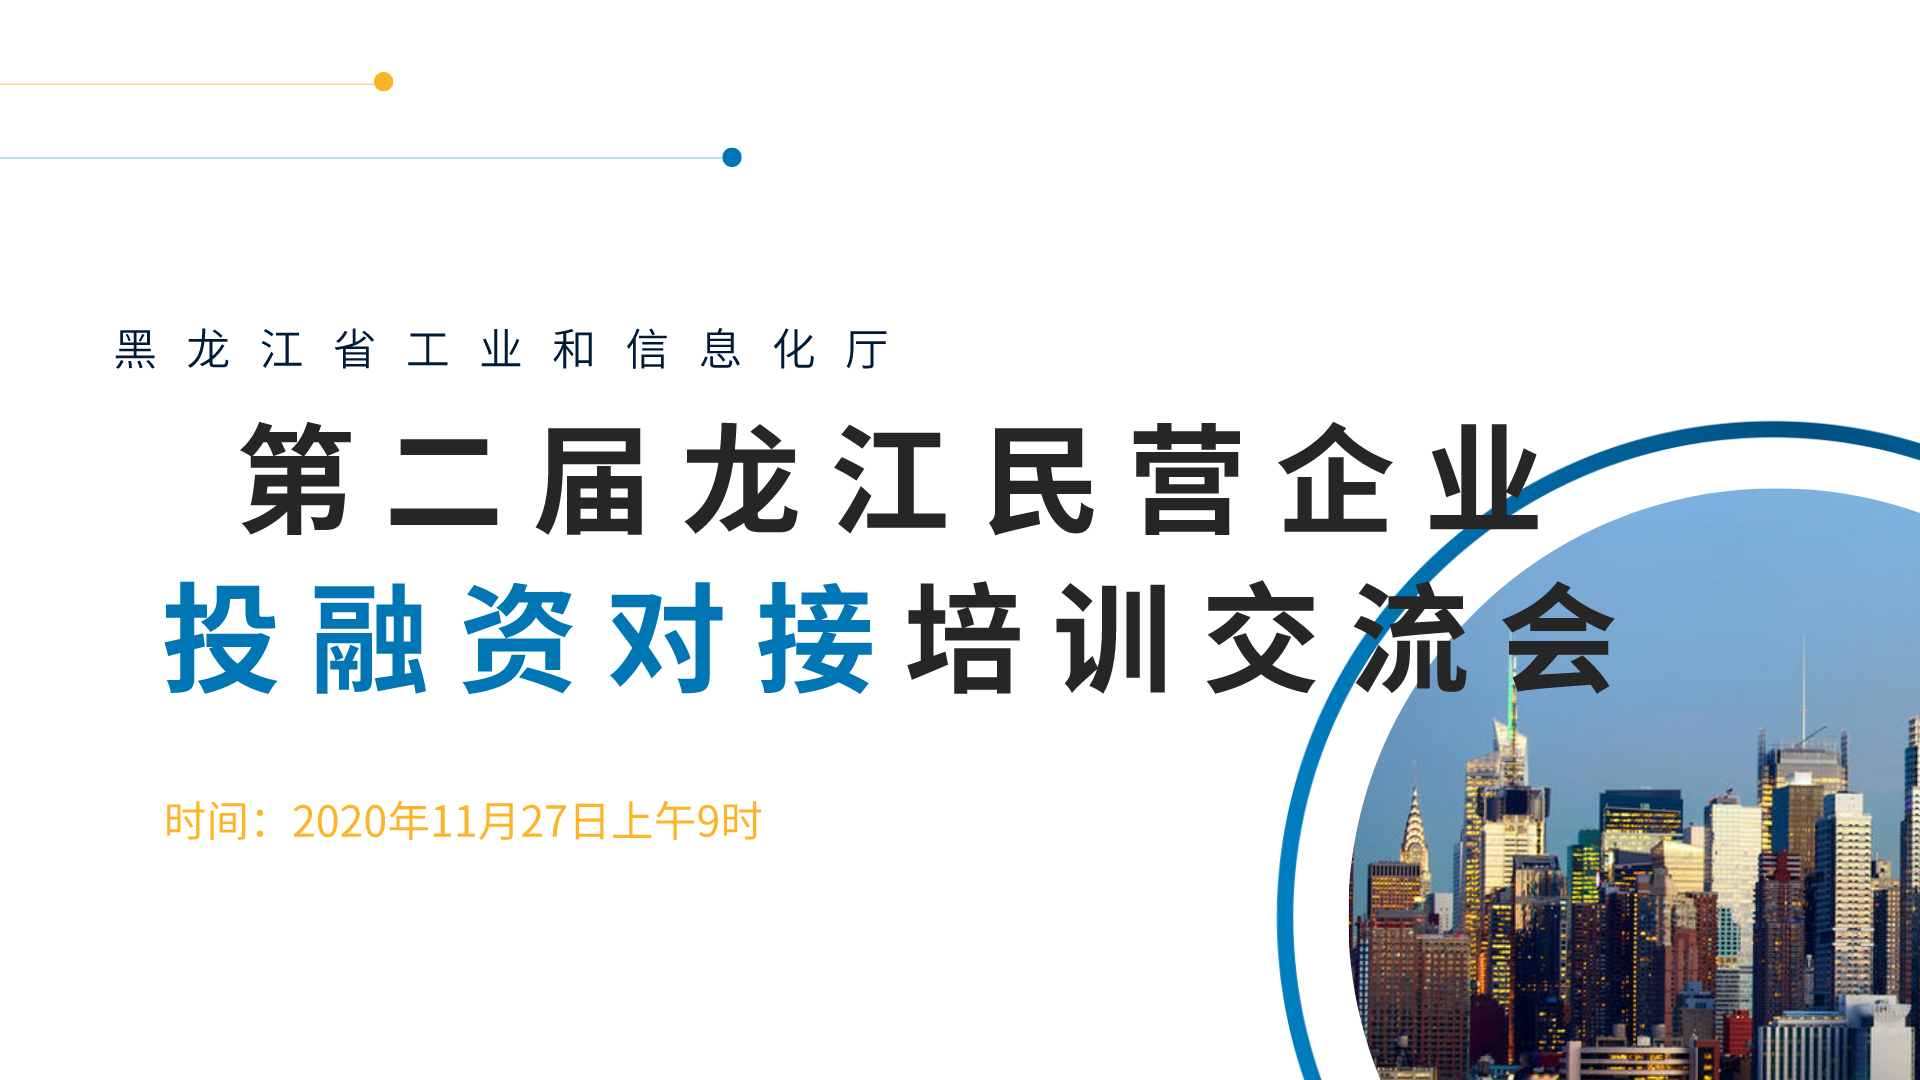 关于举办第二届龙江民营企业投融资对接培训交流会的通知